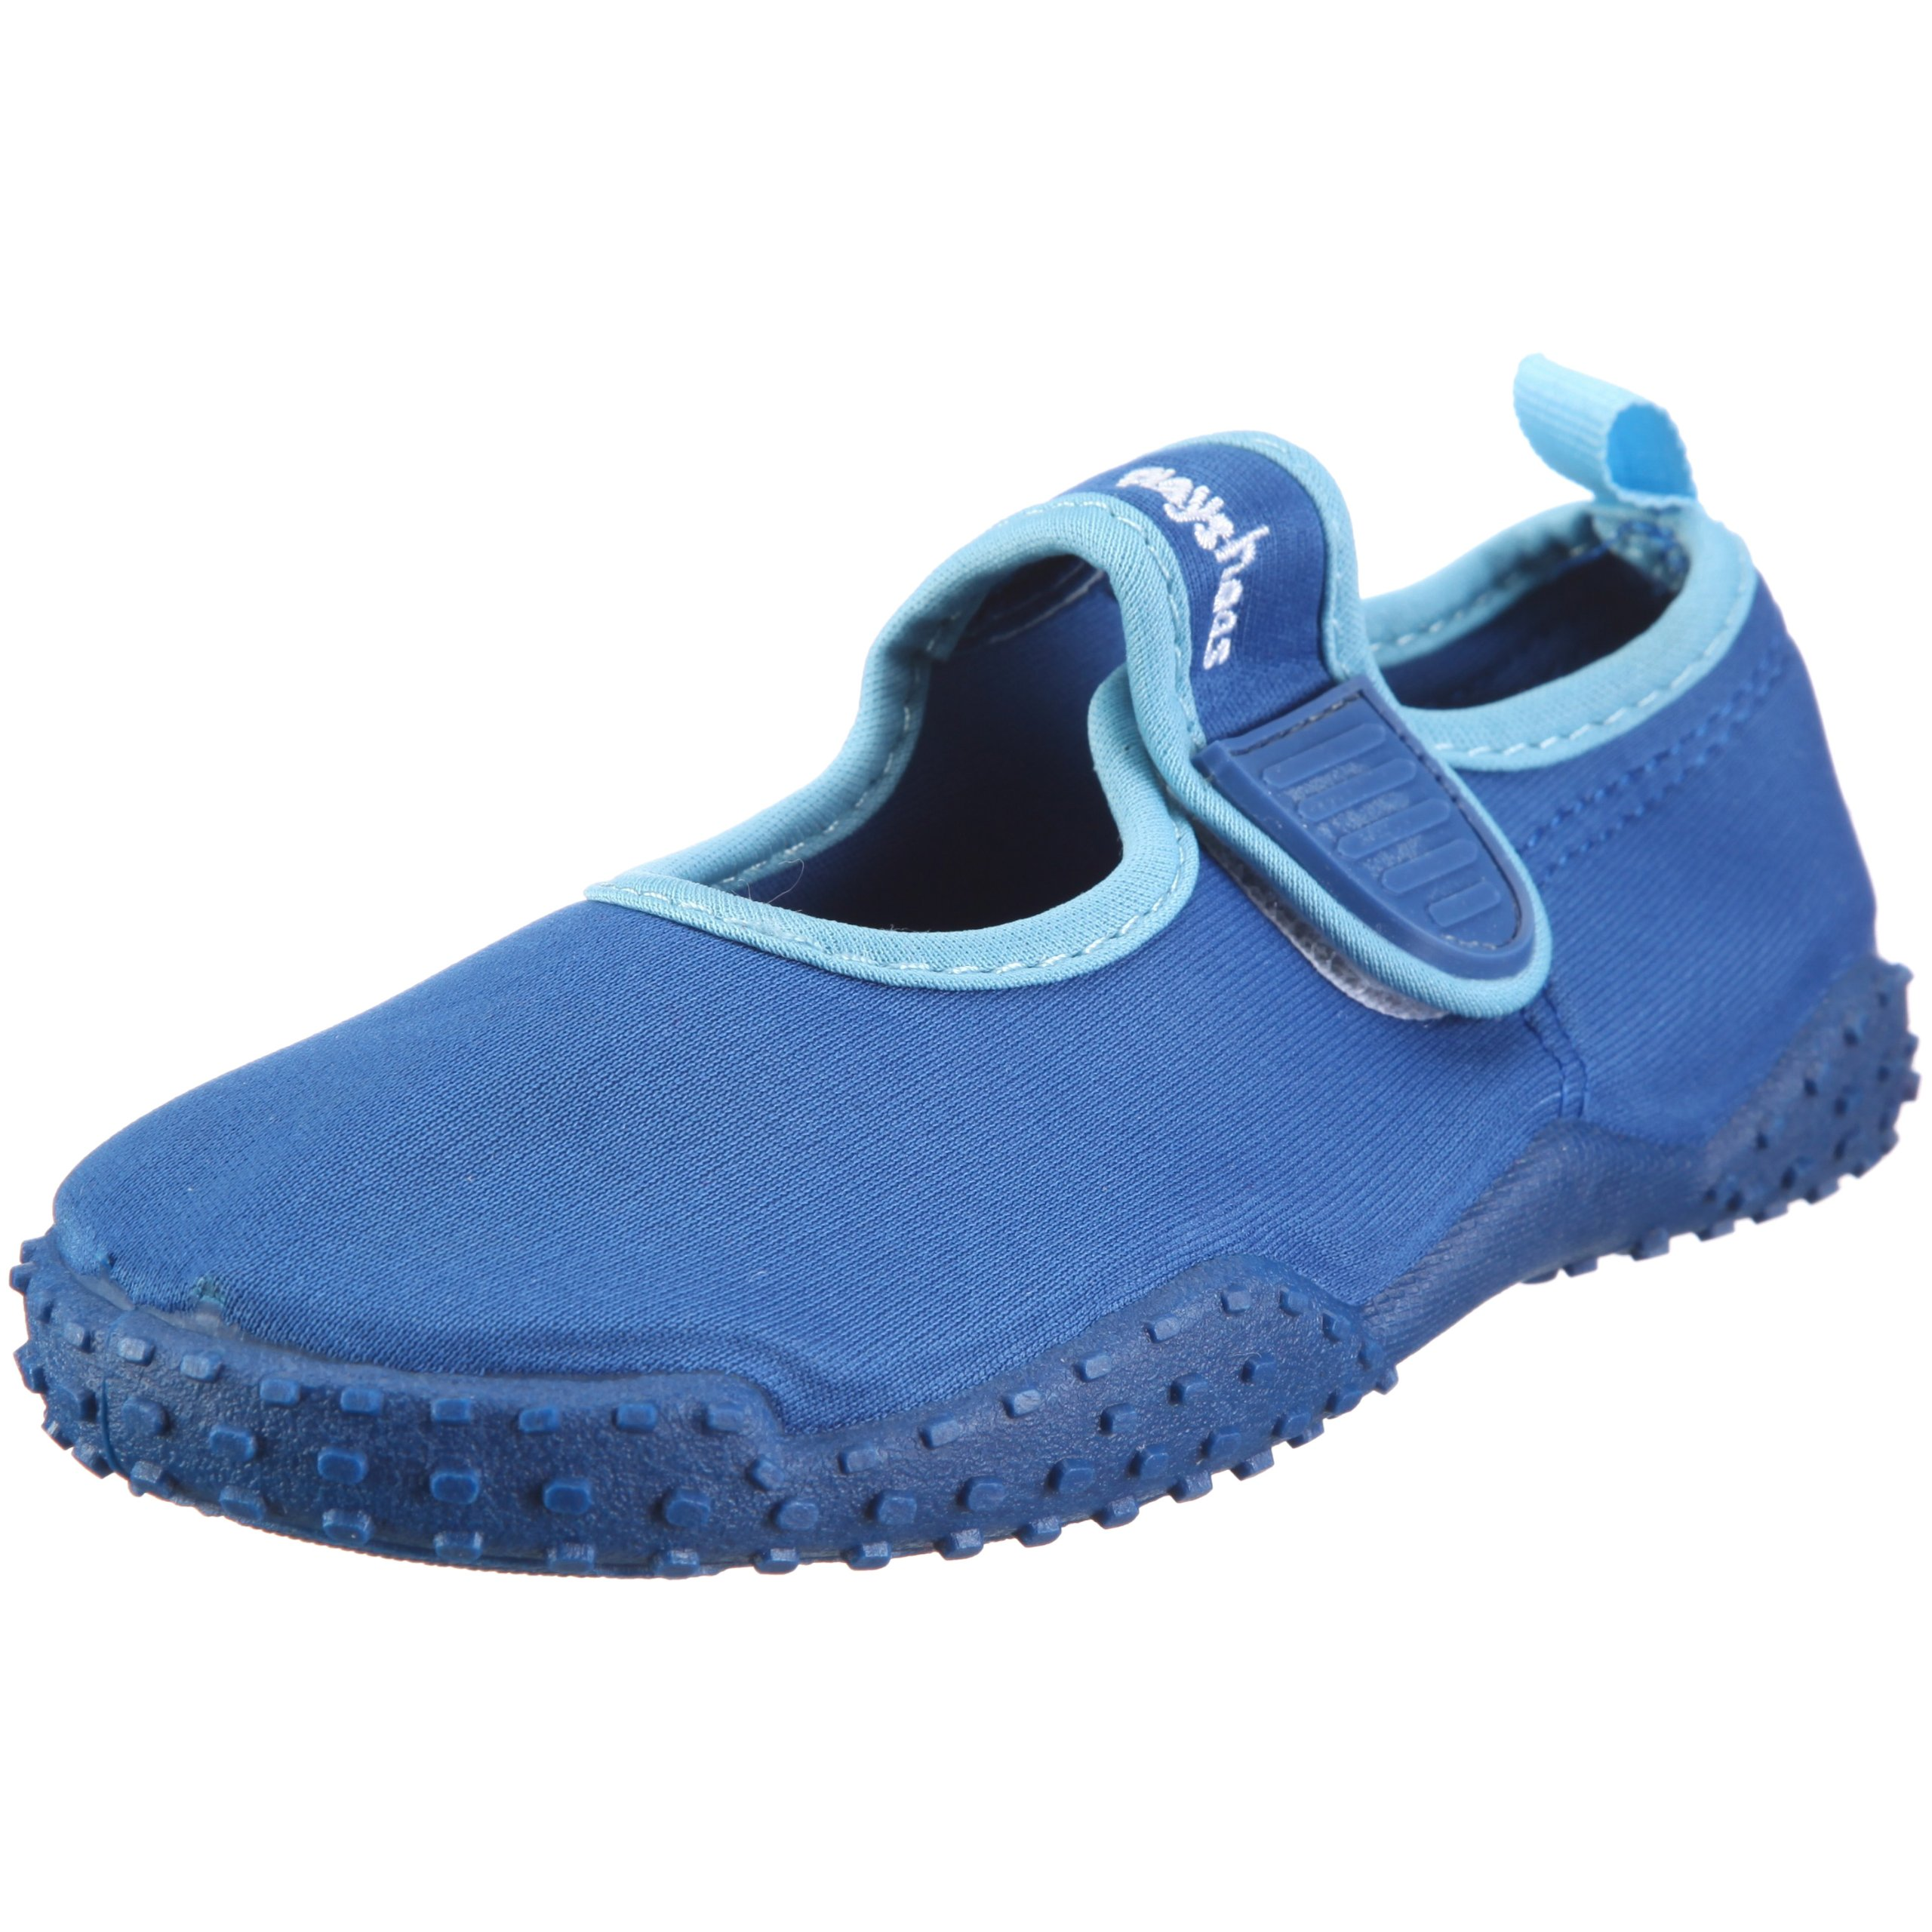 Playshoes Children's Aqua Beach Water Shoes (11.5 M US Little Kid, Blue)